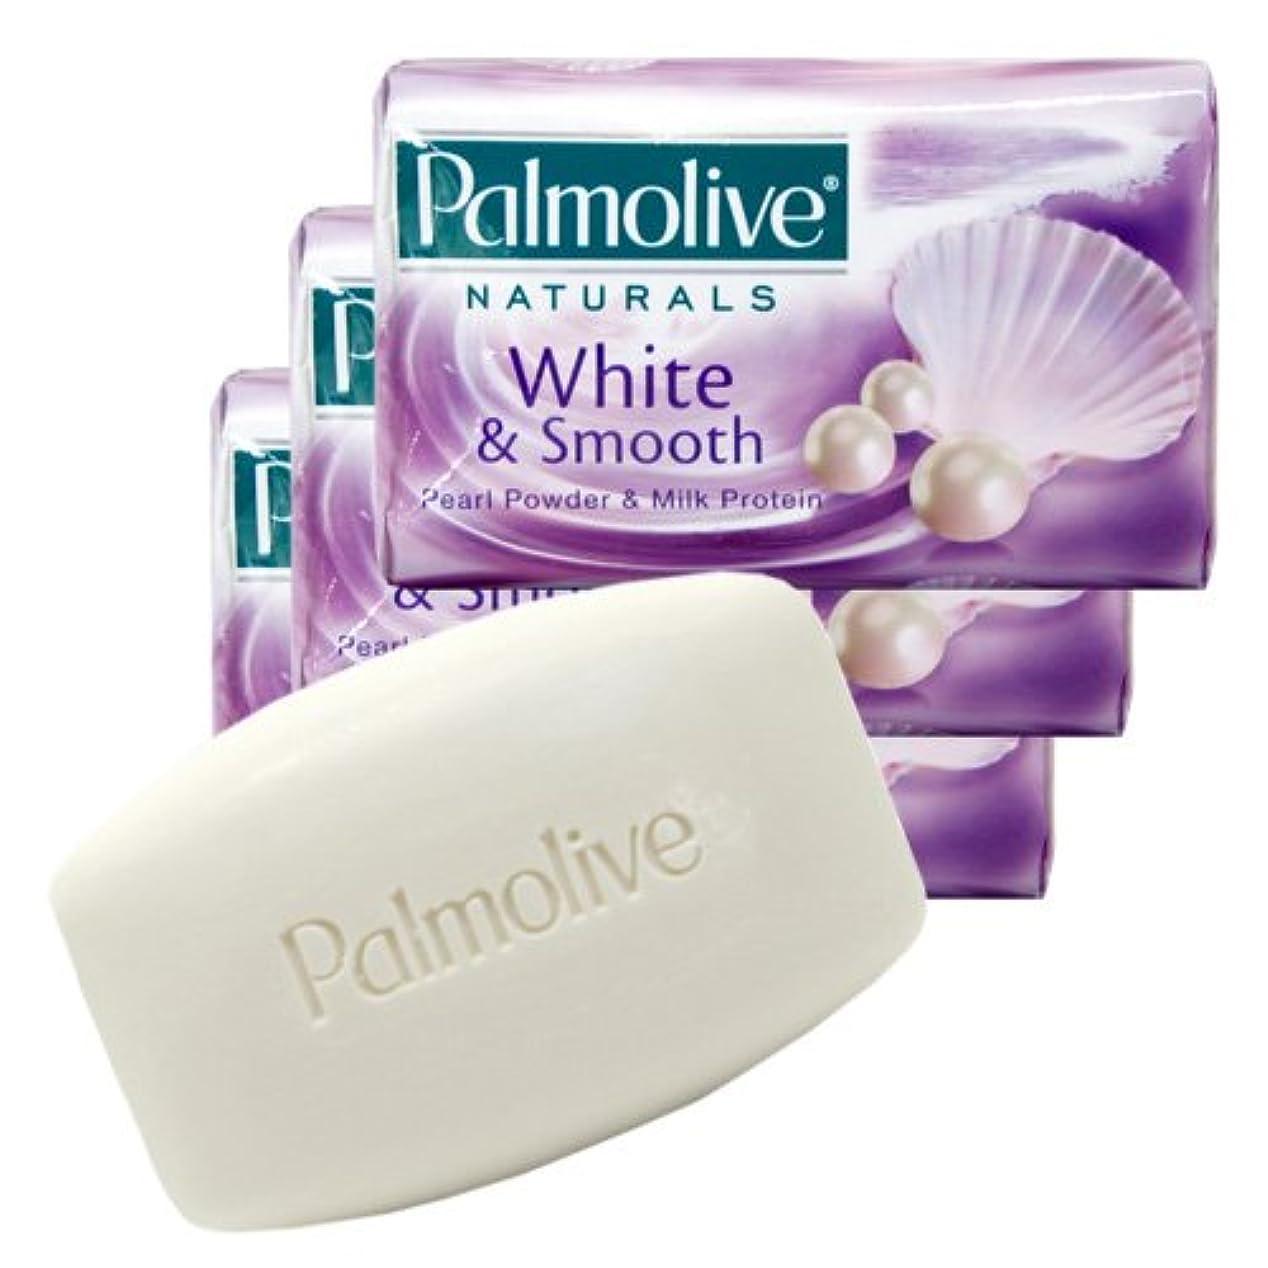 影料理剃る【Palmolive】パルモリーブ ナチュラルズ石鹸3個パック ホワイト&スムース(パールパウダー&ミルクプロテイン)80g×3